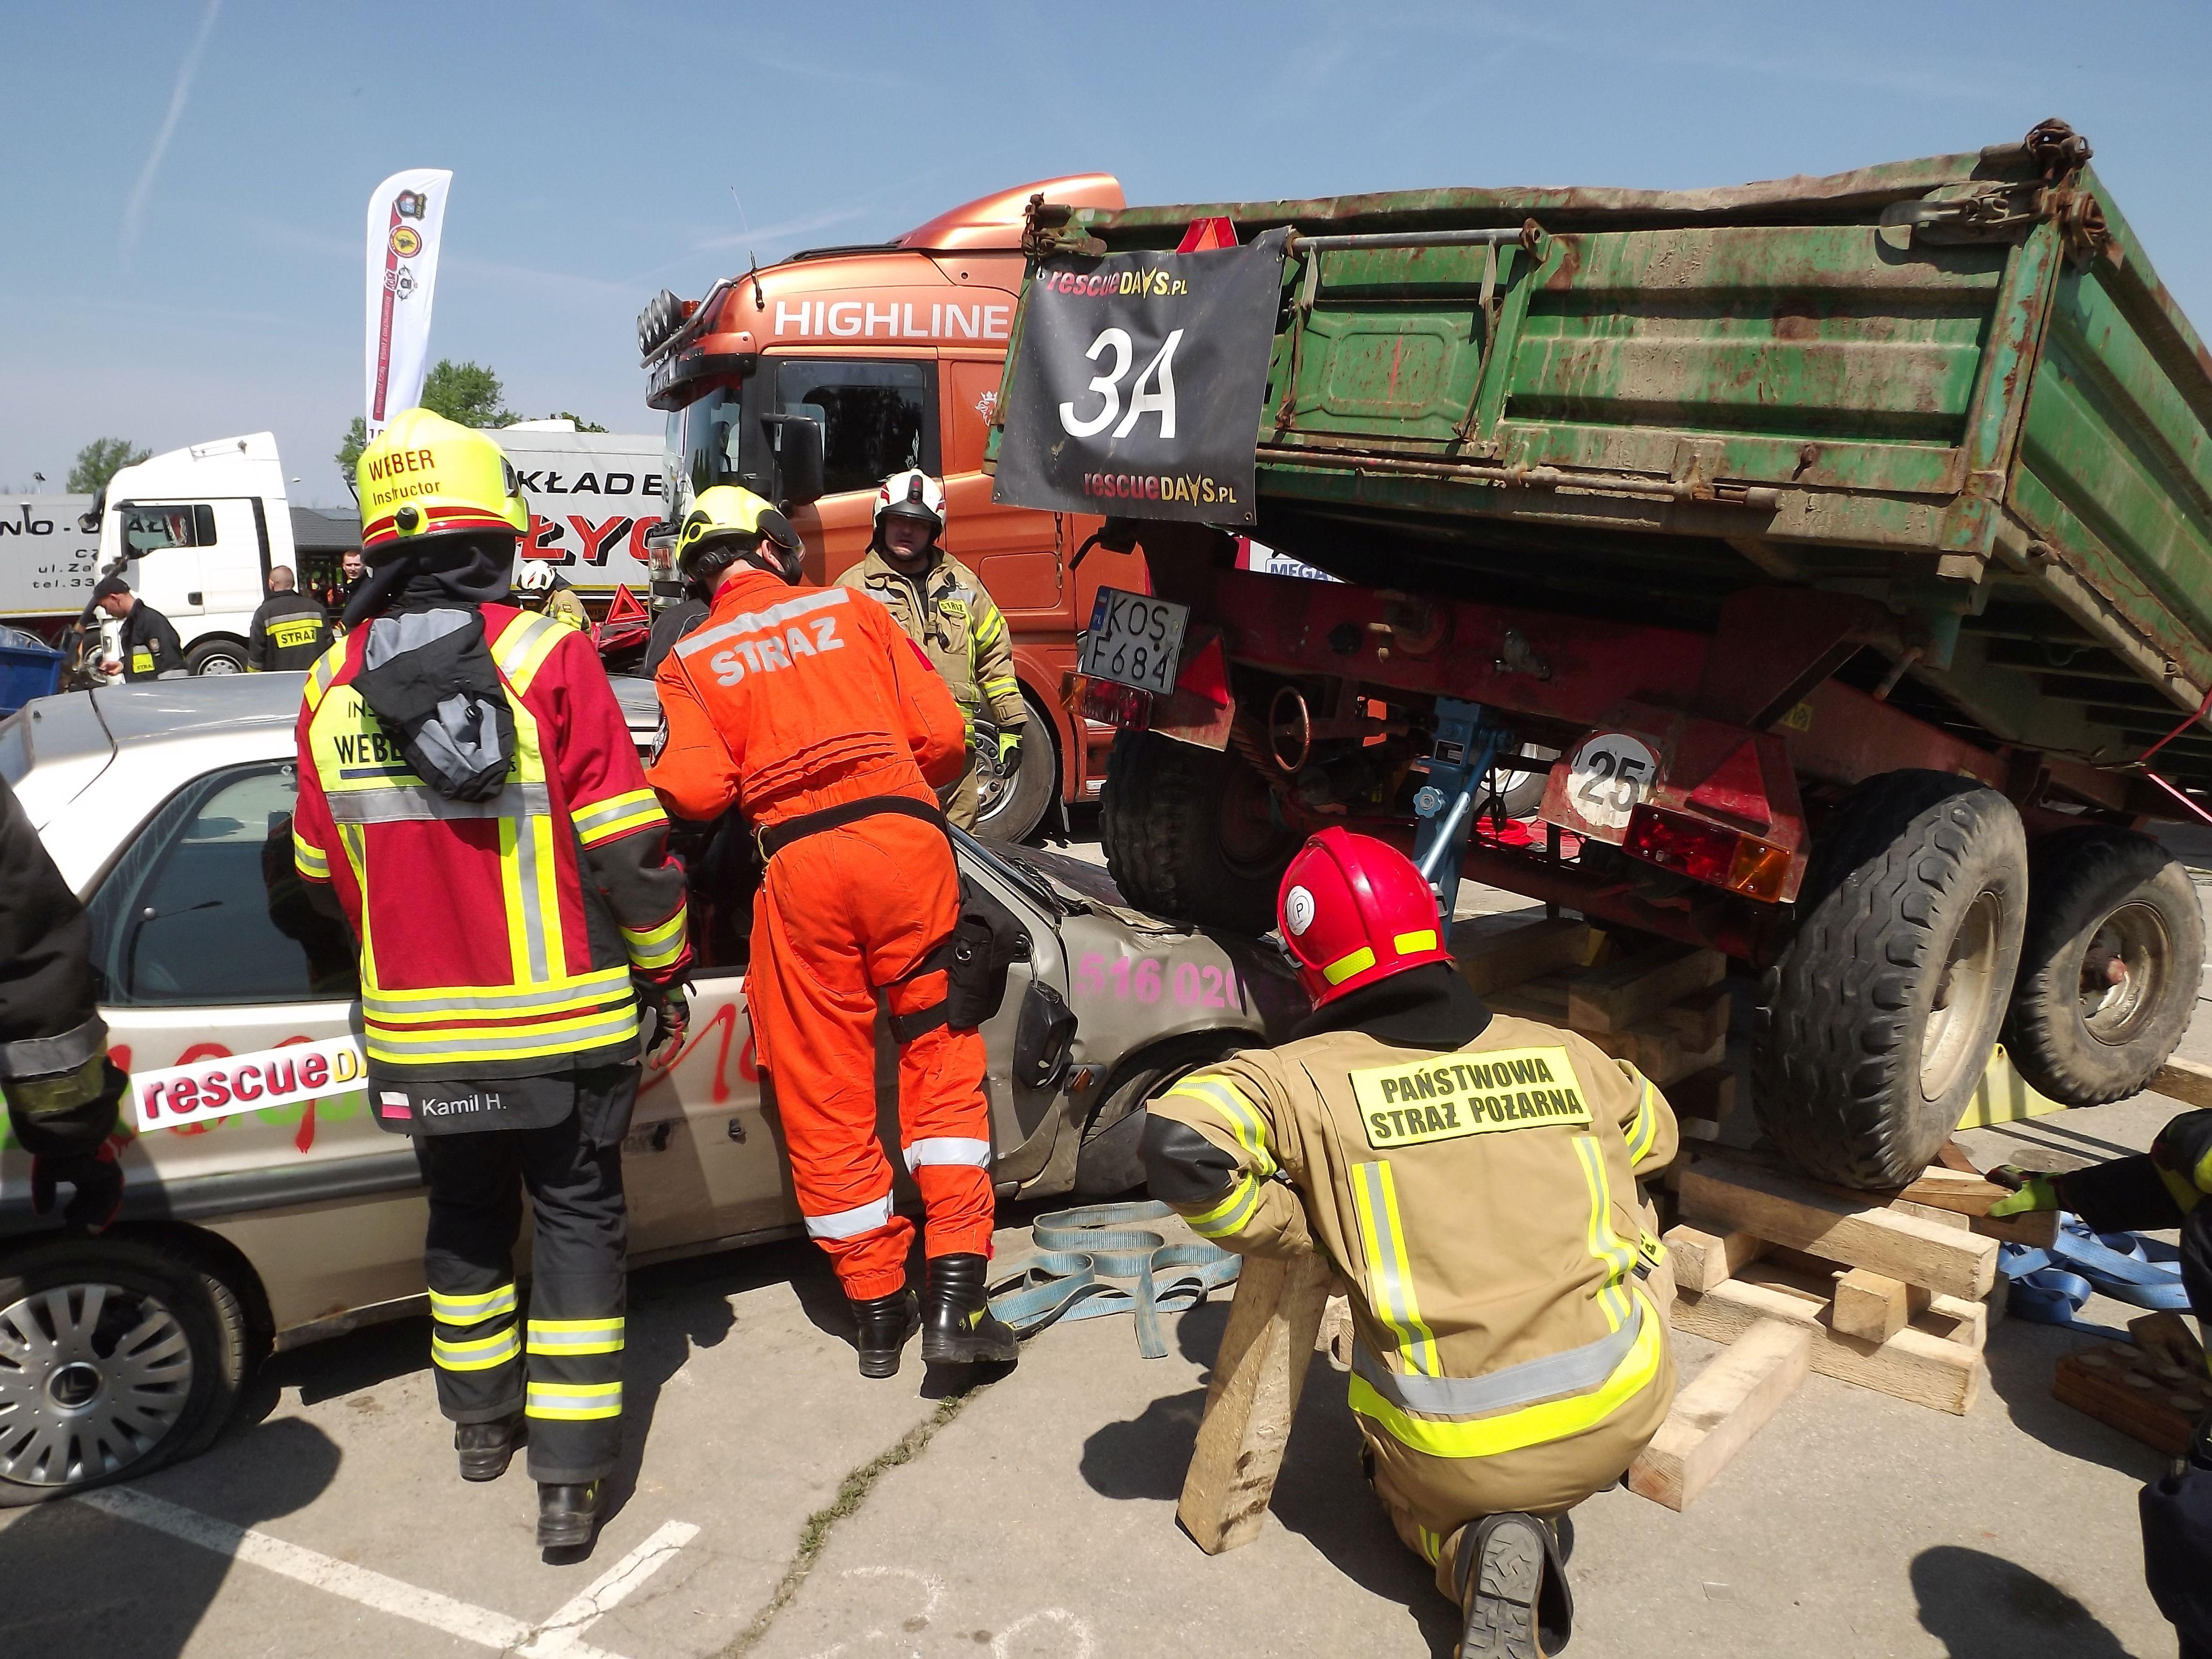 Dzień Otwarty OSP Kęty połączony z wielkimi manewrami z ratownictwa drogowego [FOTO]